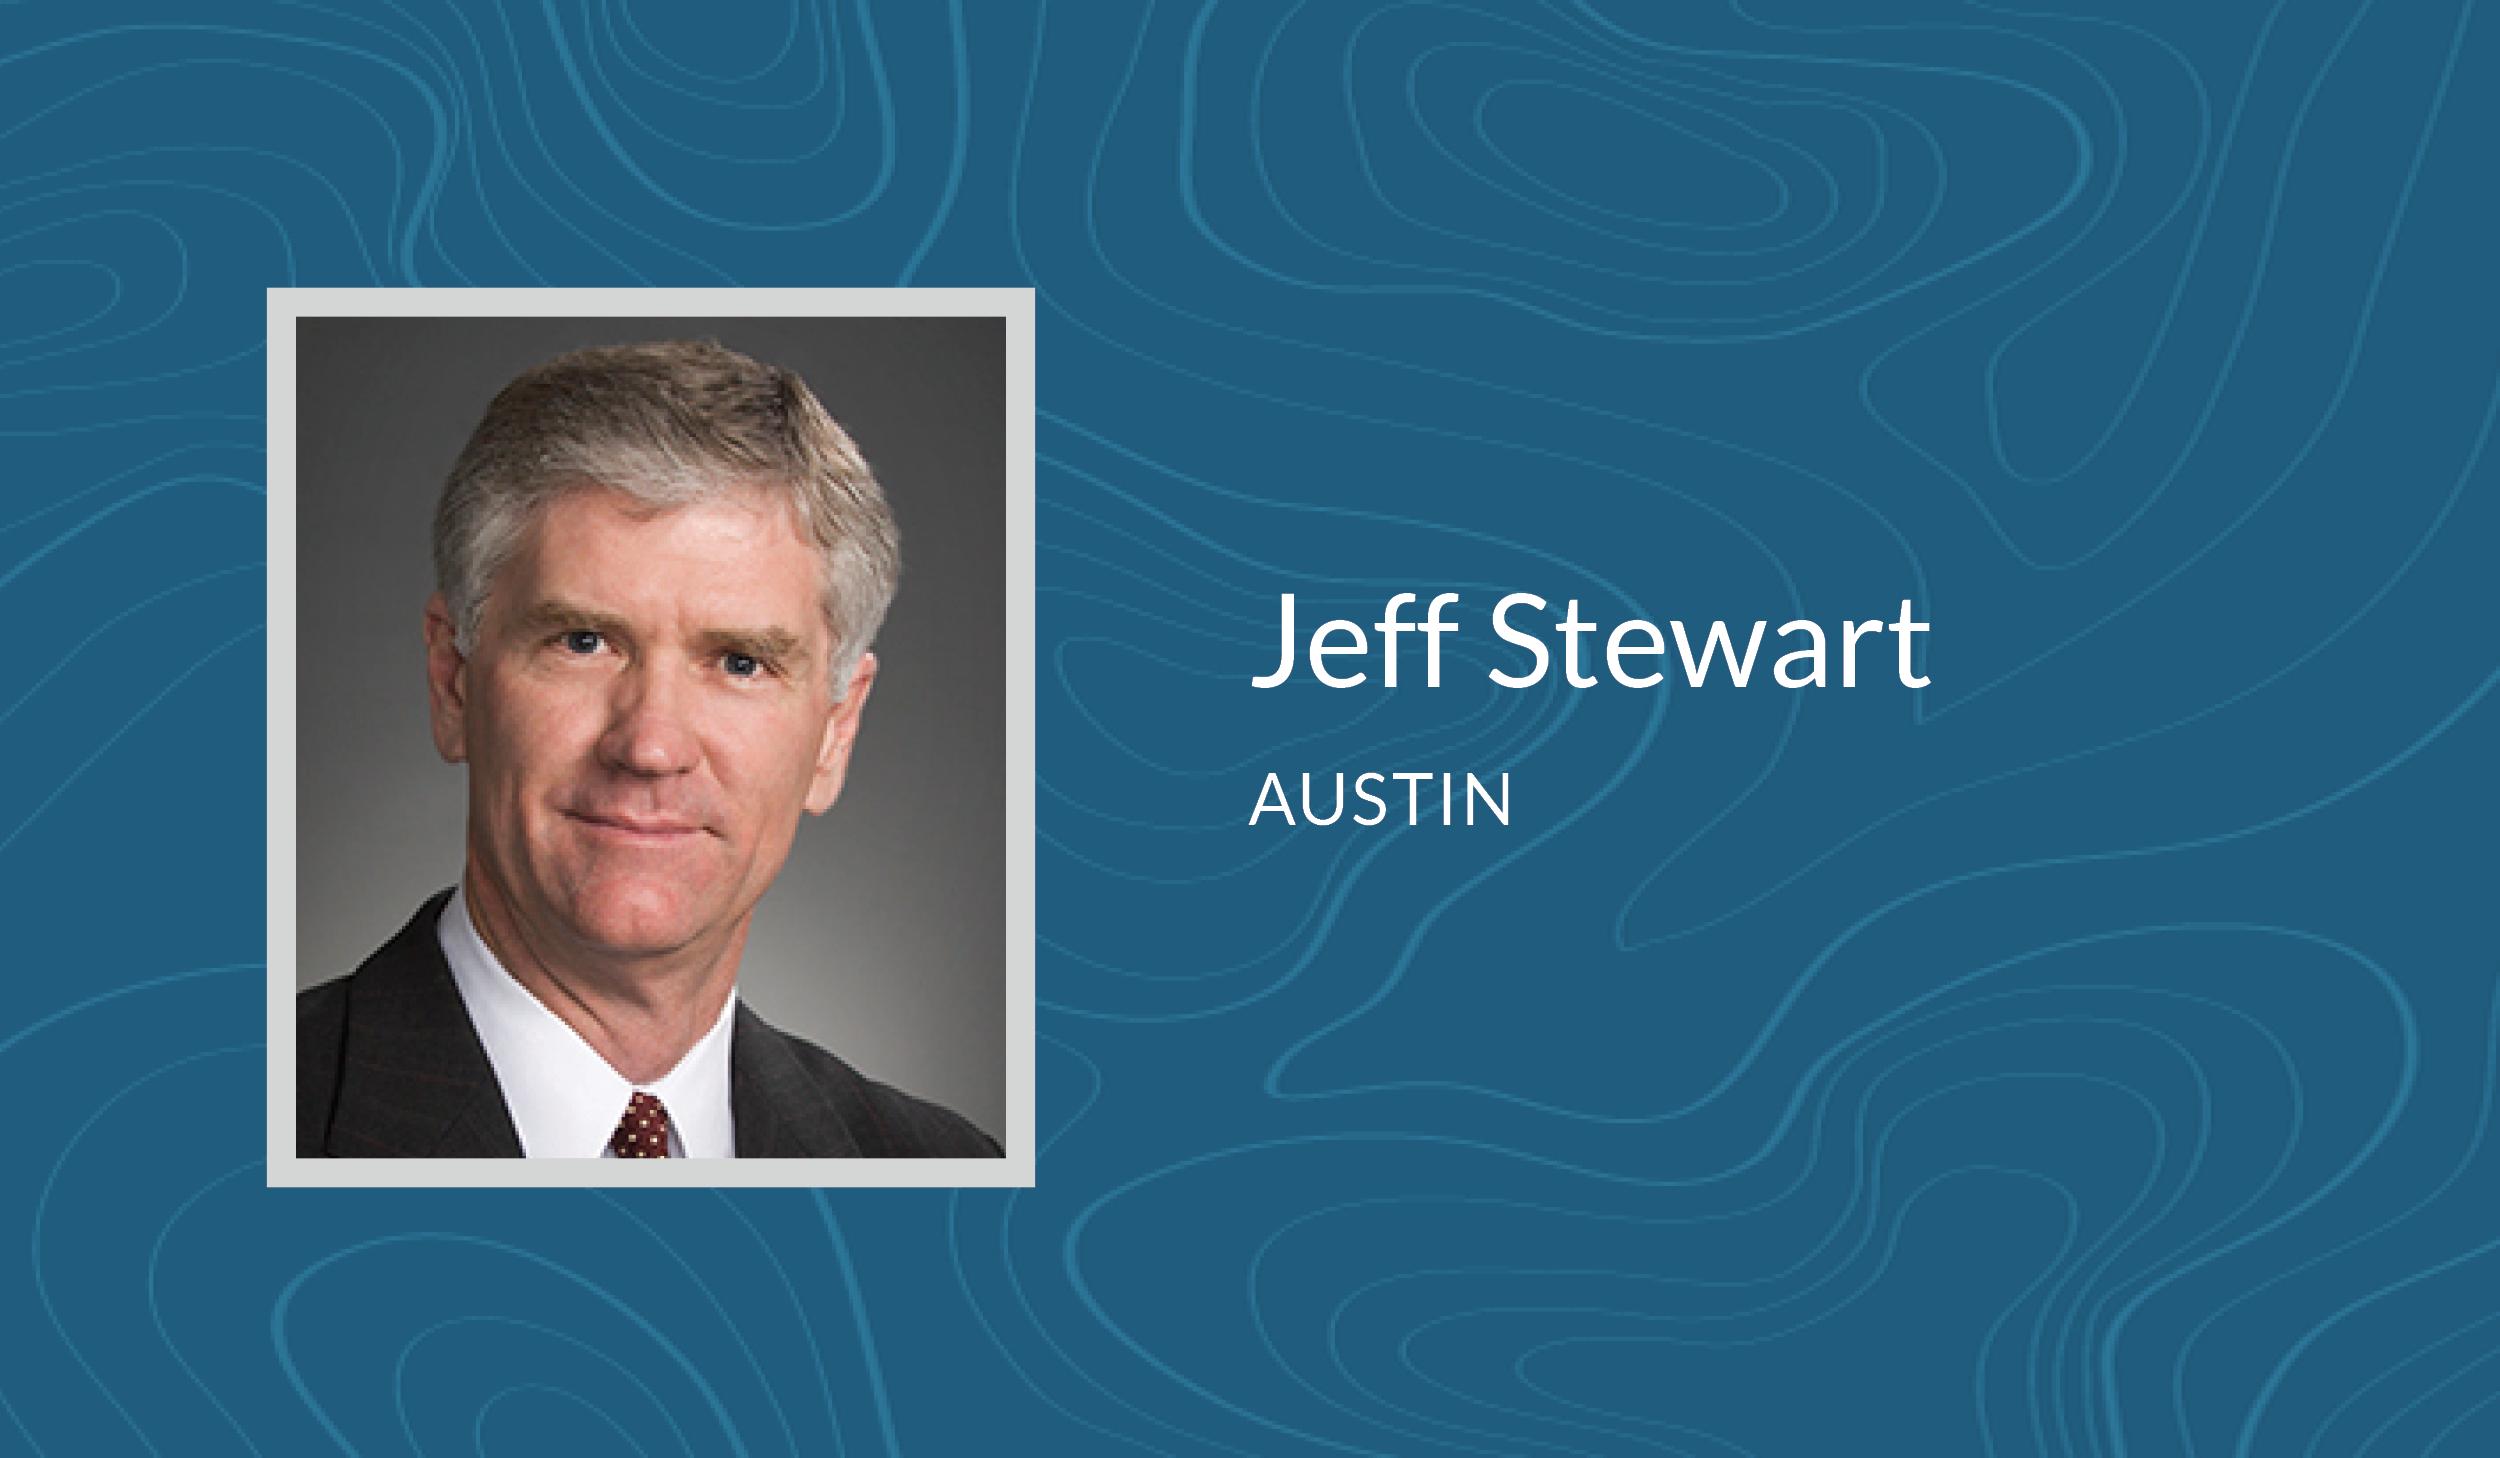 Jeff Stewart Landing Page Headers.png